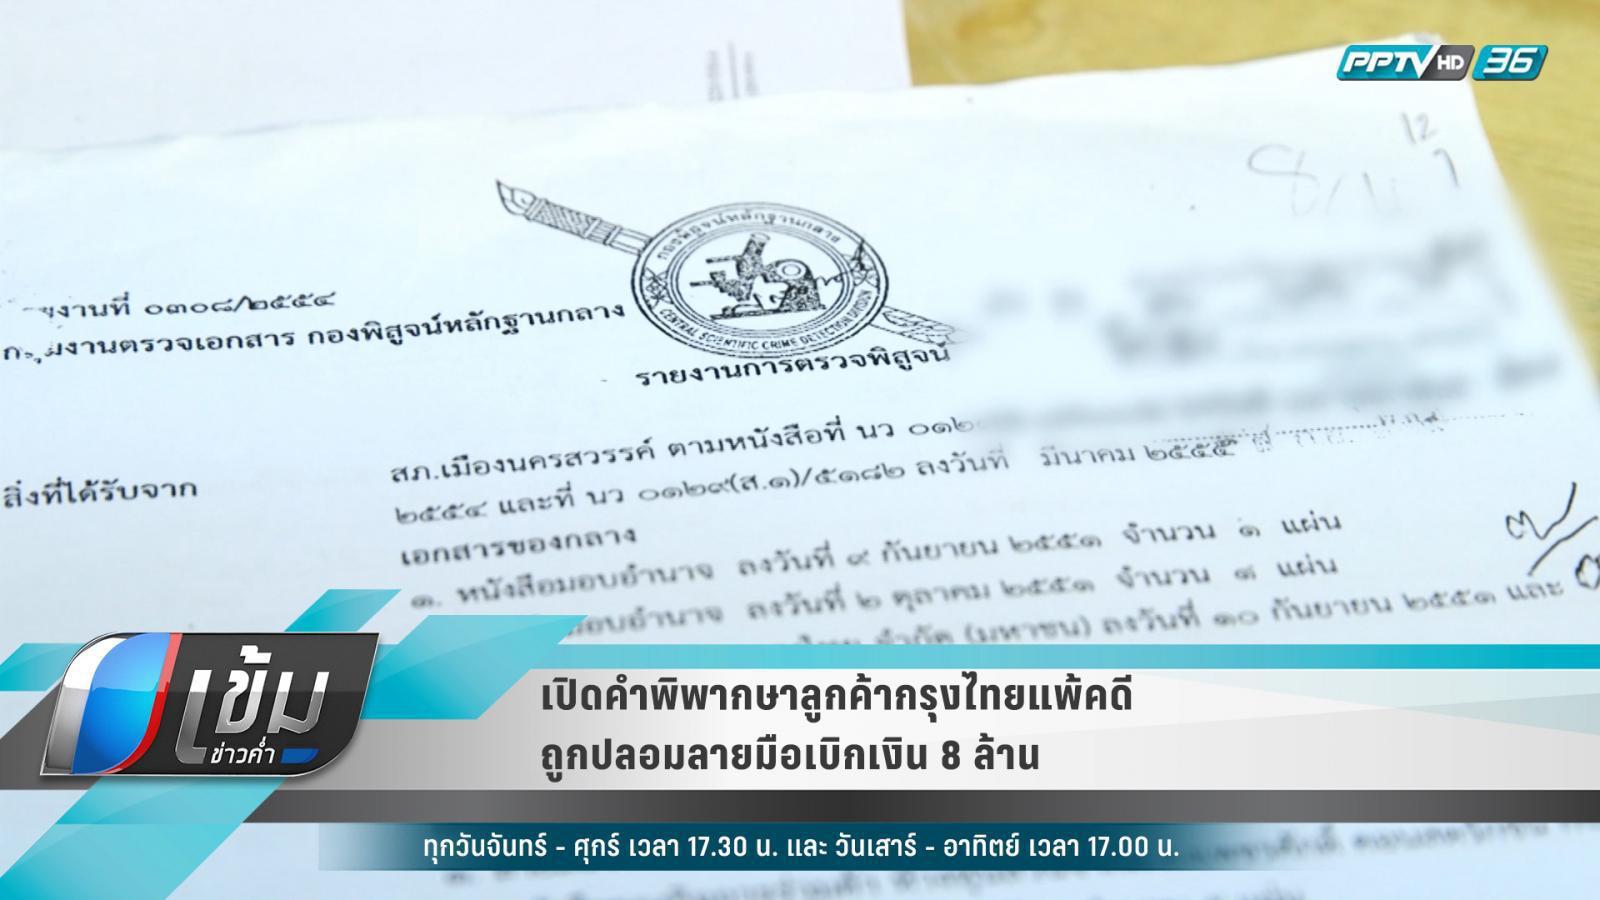 """เปิดคําพิพากษา """"ลูกค้ากรุงไทย"""" แพ้คดี ถูกปลอมลายมือเบิกเงิน 8 ล้านบาท"""